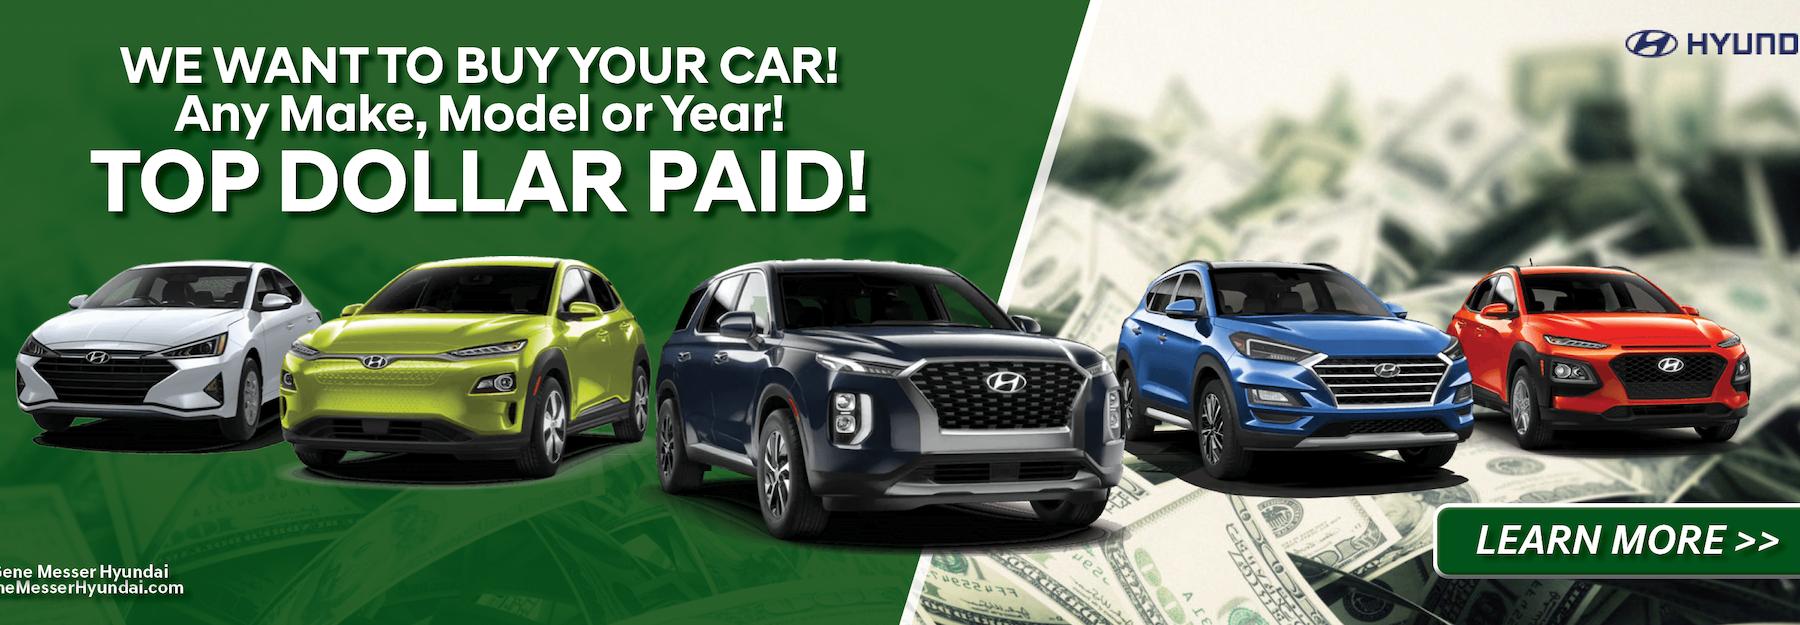 21MAY_Buy_Car_